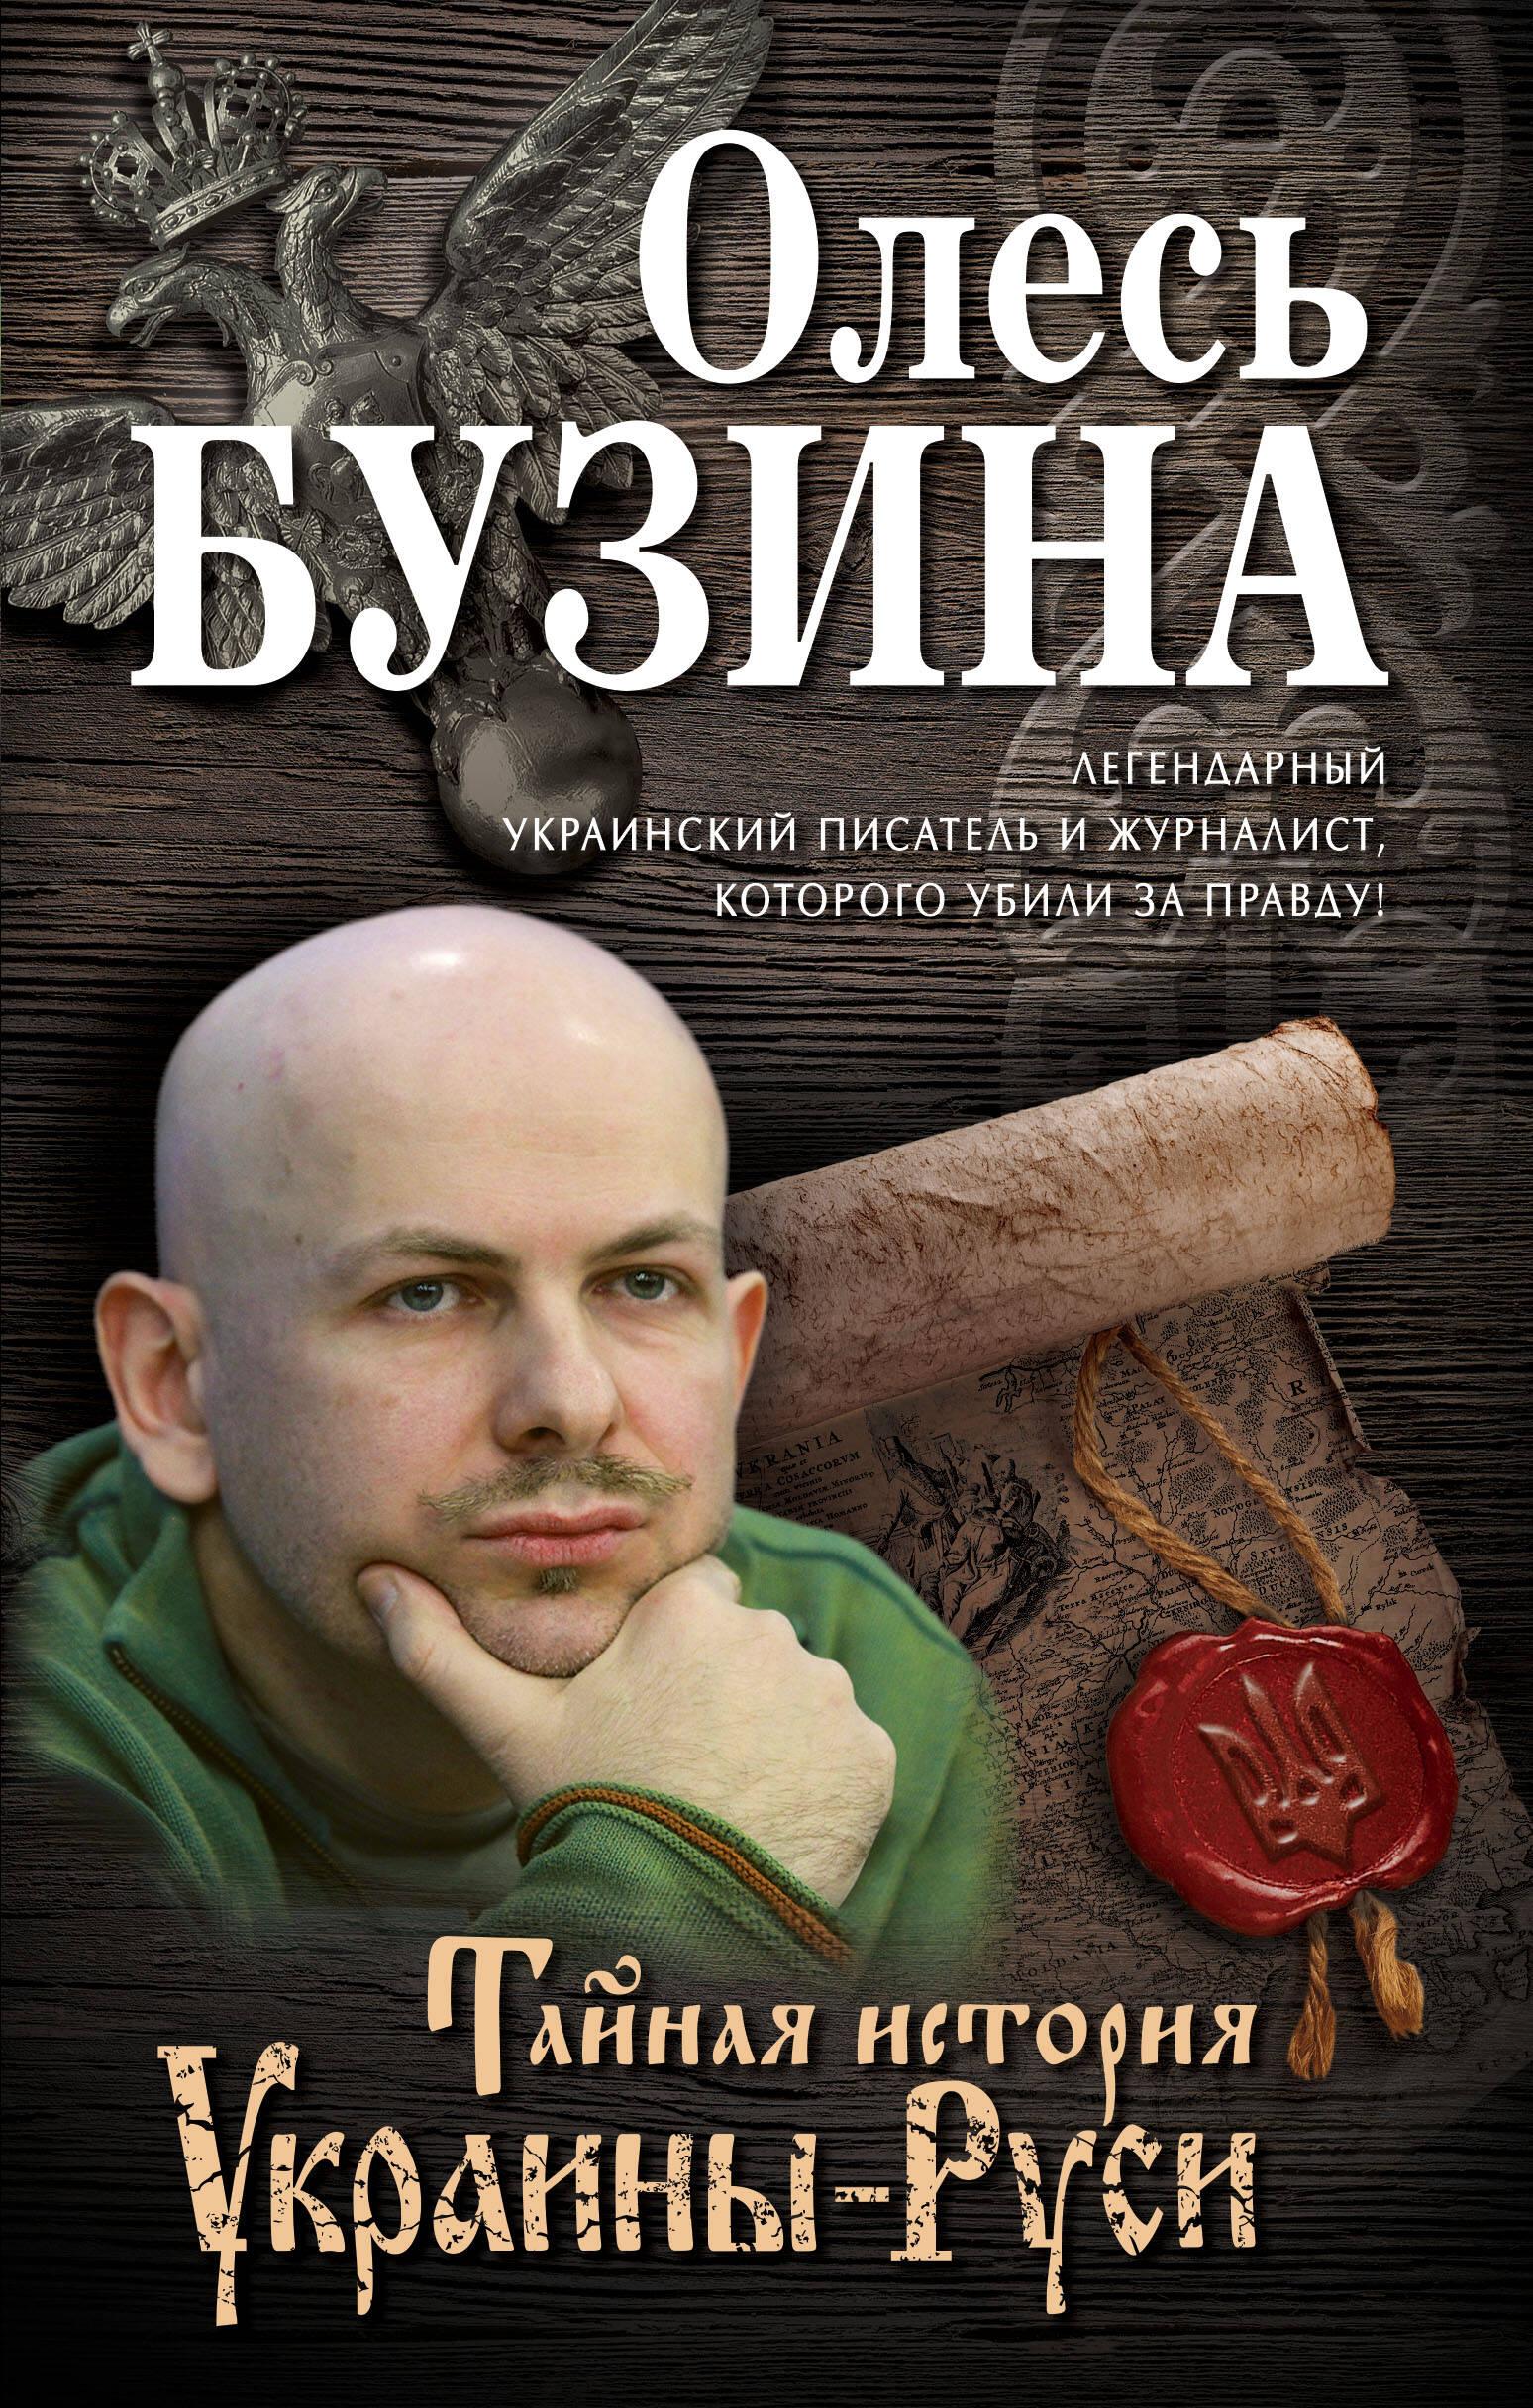 Книга бузина история руси украины тайная